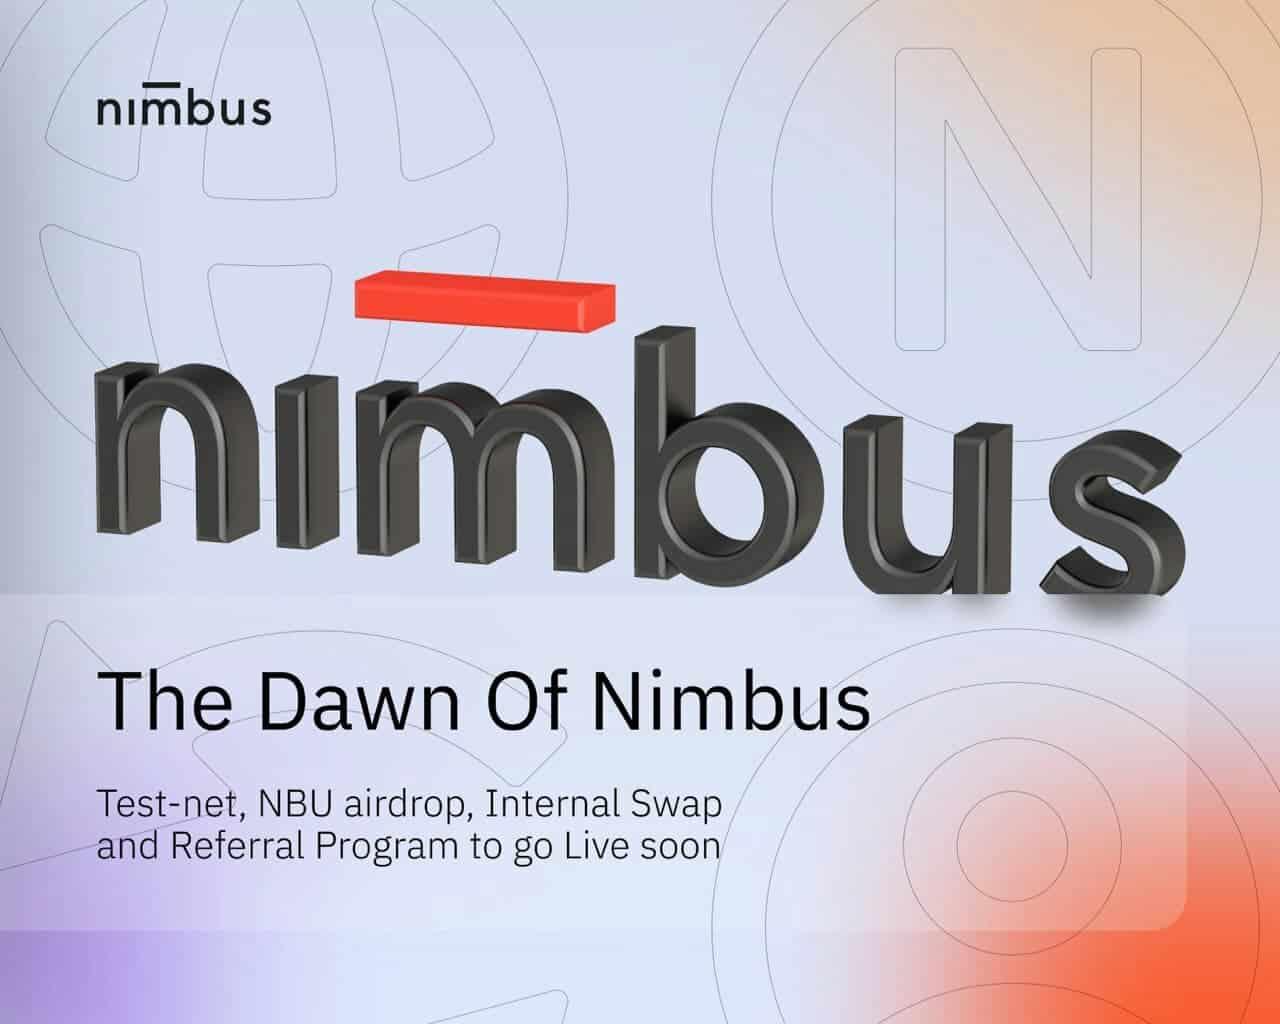 Neue Nimbus Kommunikationsrichtlinie